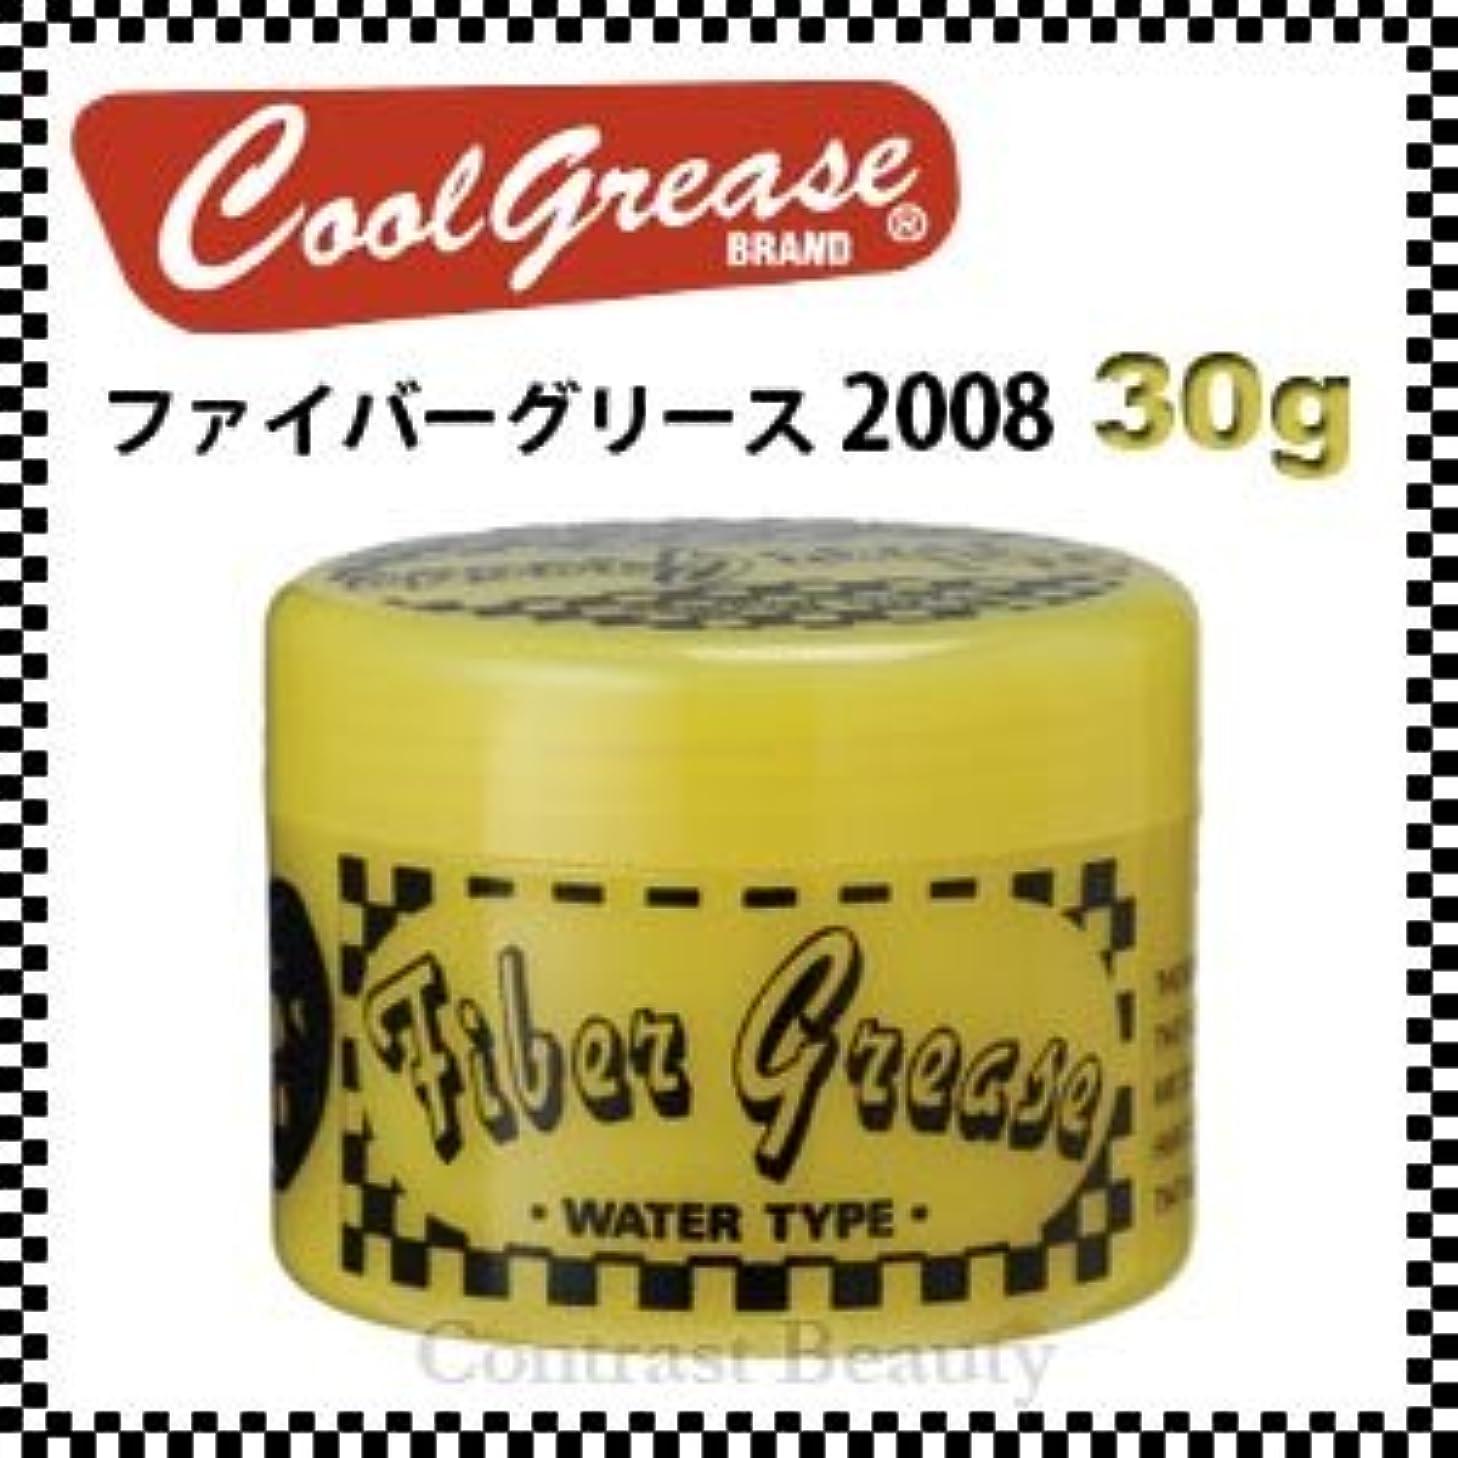 けがをする補足該当する阪本高生堂 ファイバーグリース 2008 30g